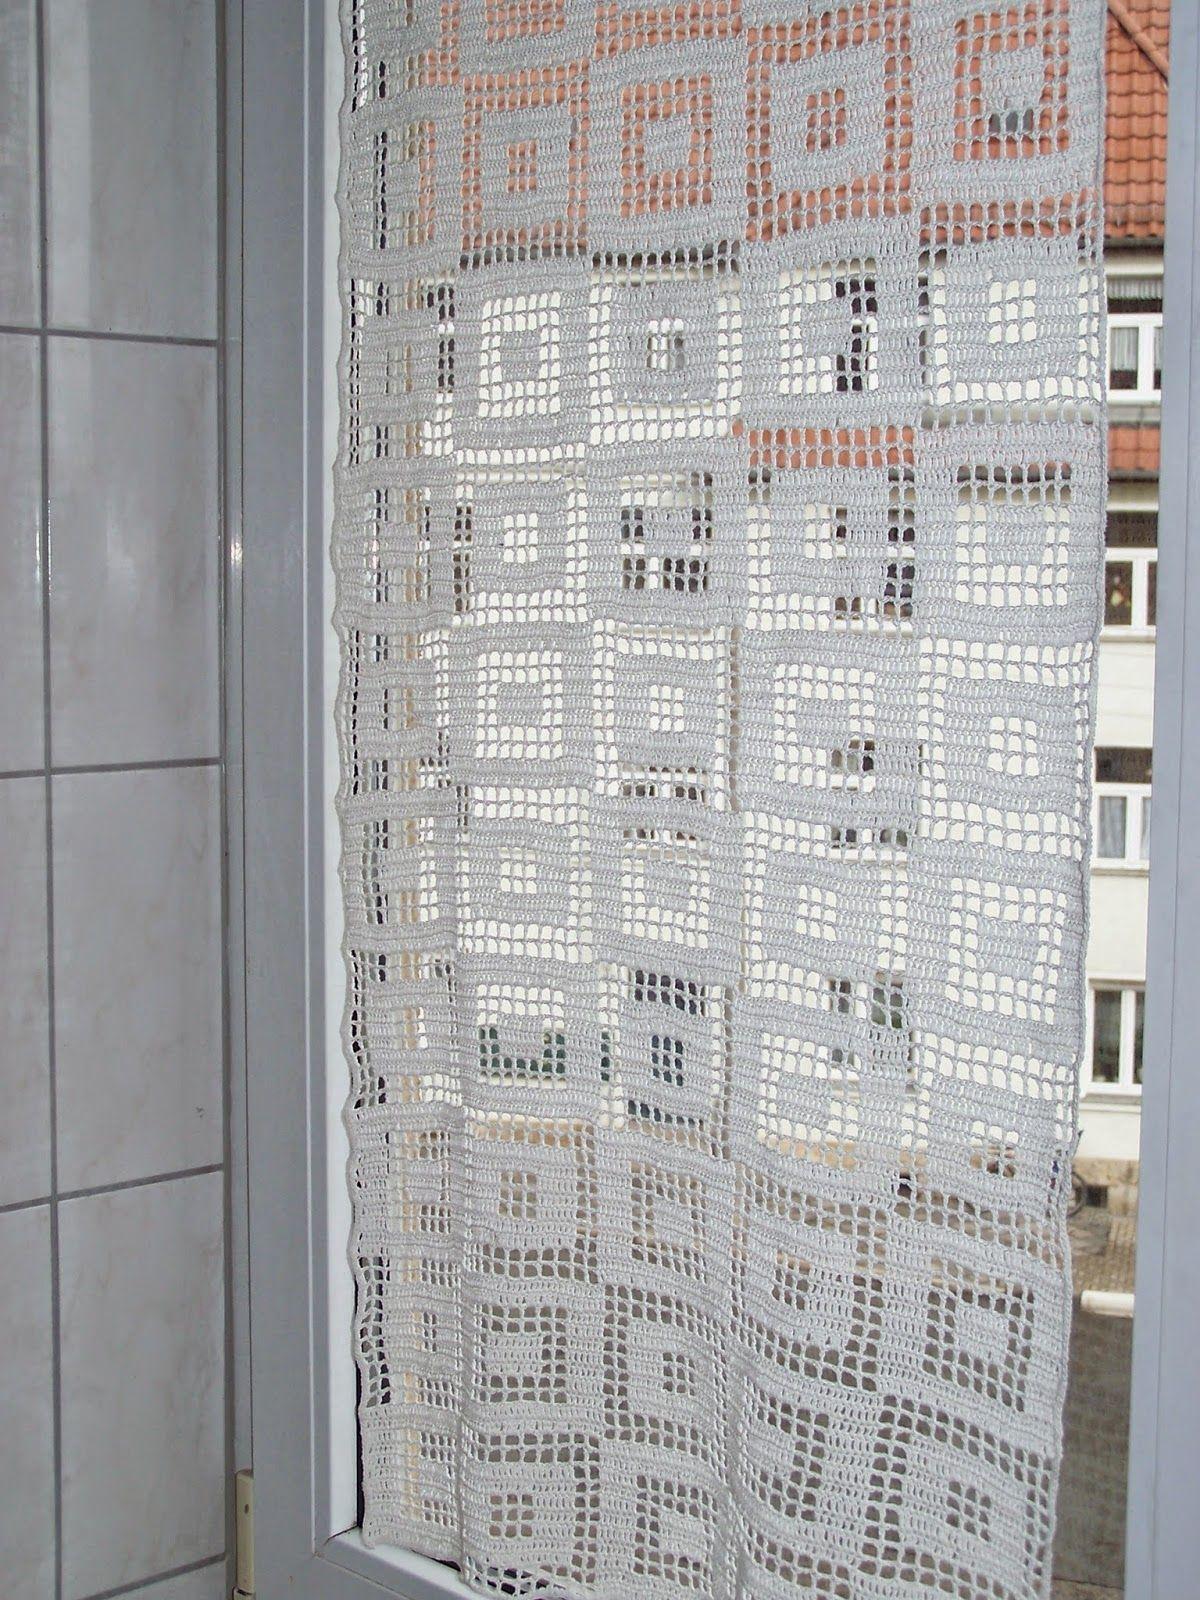 Full Size of Gardine Im Bad Gardinen Hkeln Küche Für Schlafzimmer Wohnzimmer Scheibengardinen Fenster Die Wohnzimmer Häkelmuster Gardine